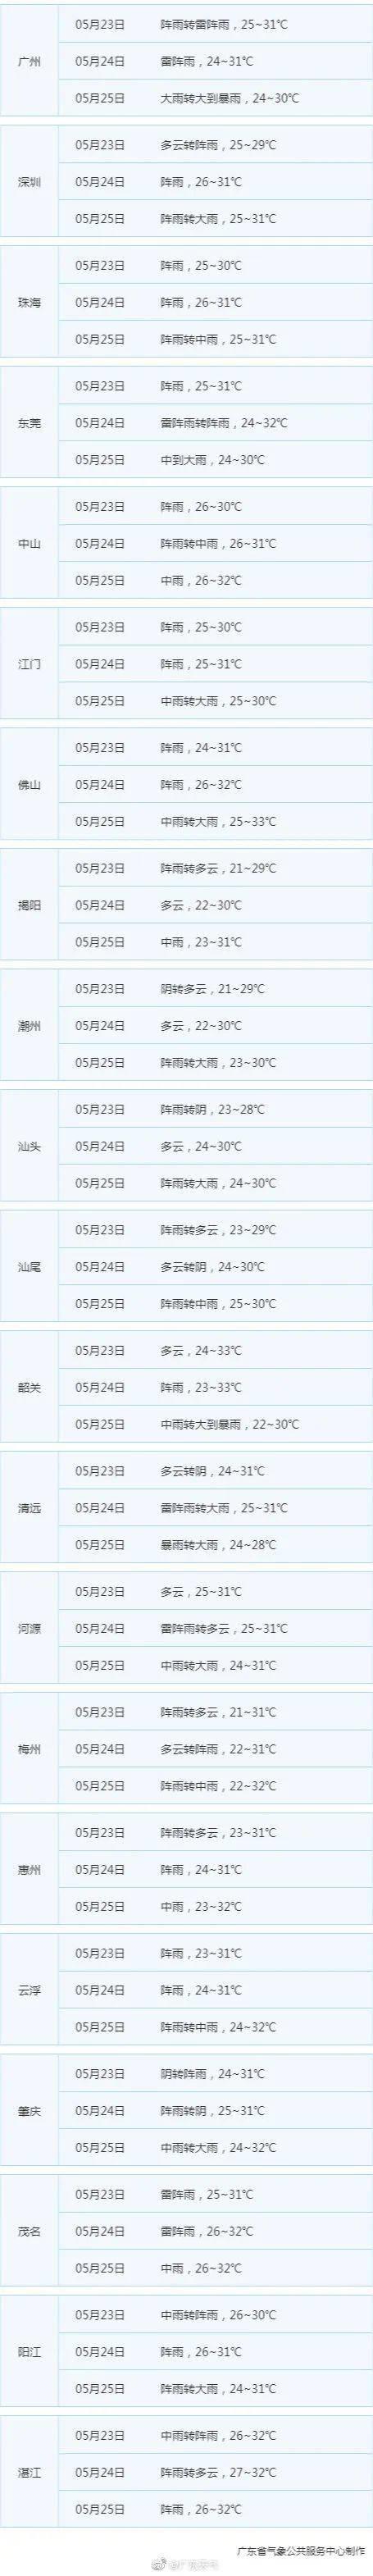 广州市三防指挥部发布21日至22日特大暴雨情况